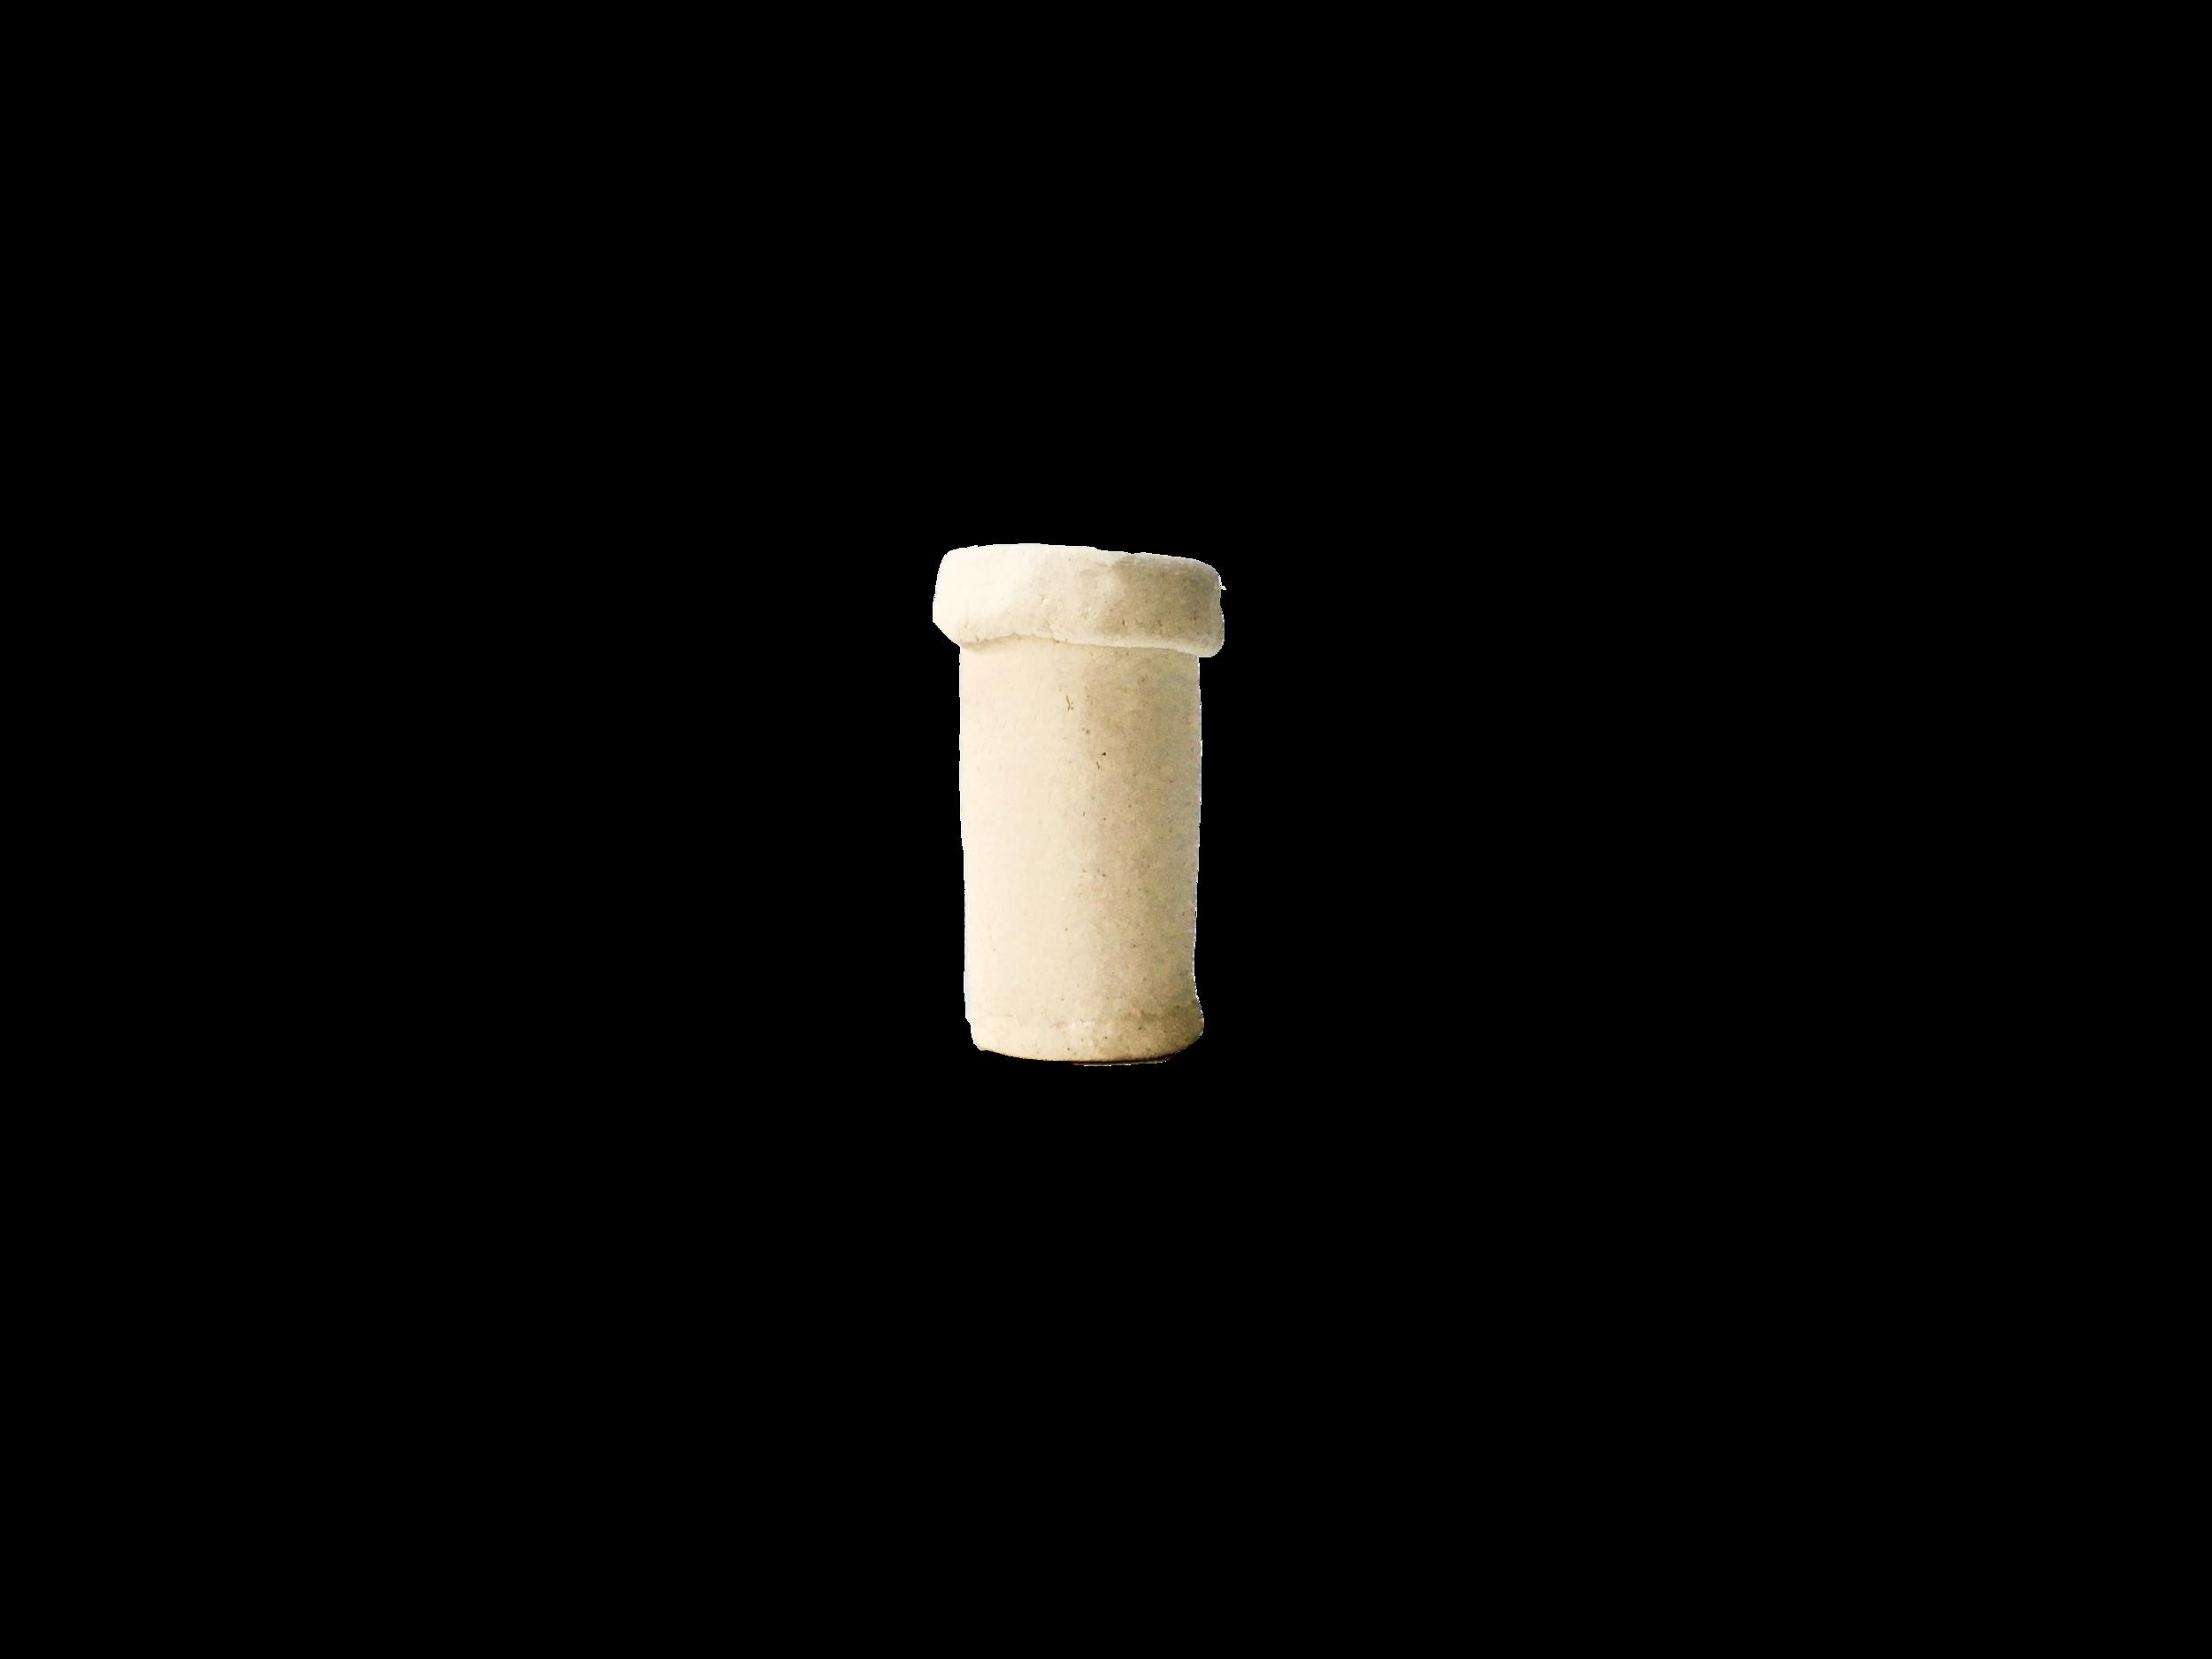 pill bottle_WCCW_12.16.18_keys.png